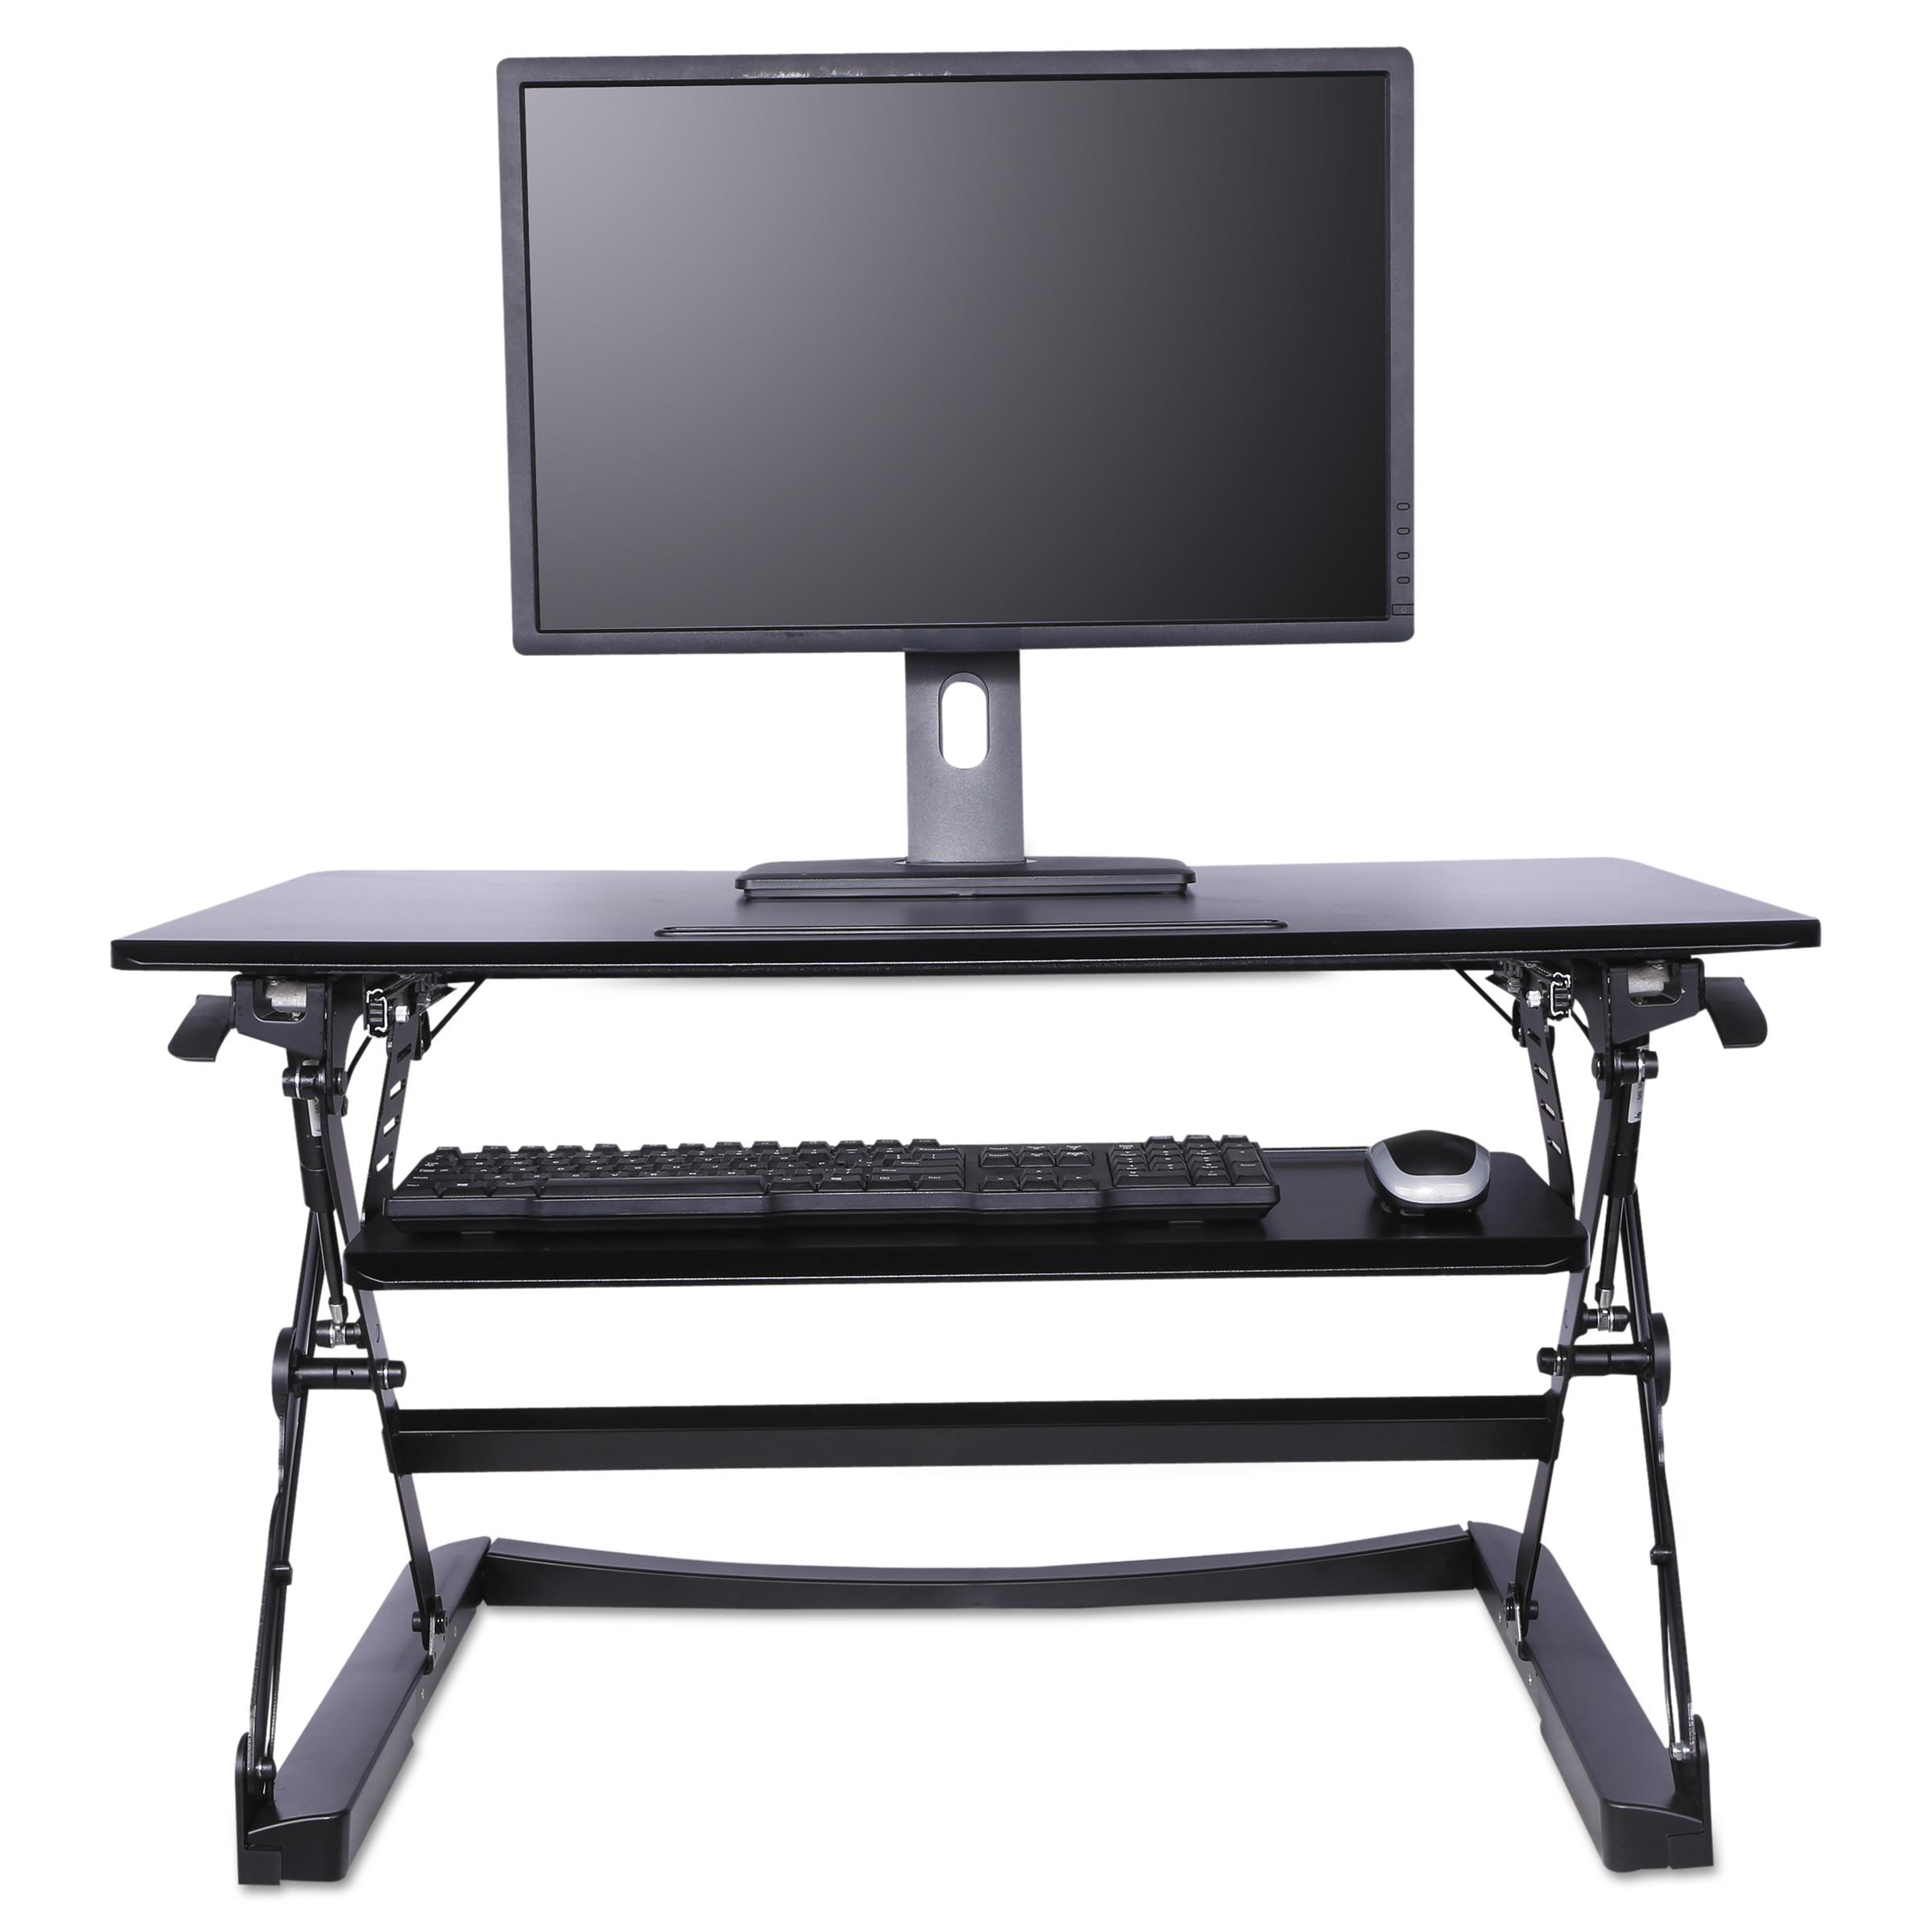 Alera Sit-Stand Lifting Workstation, 35 1/8 x 23 3/8 x 19 5/8,Black